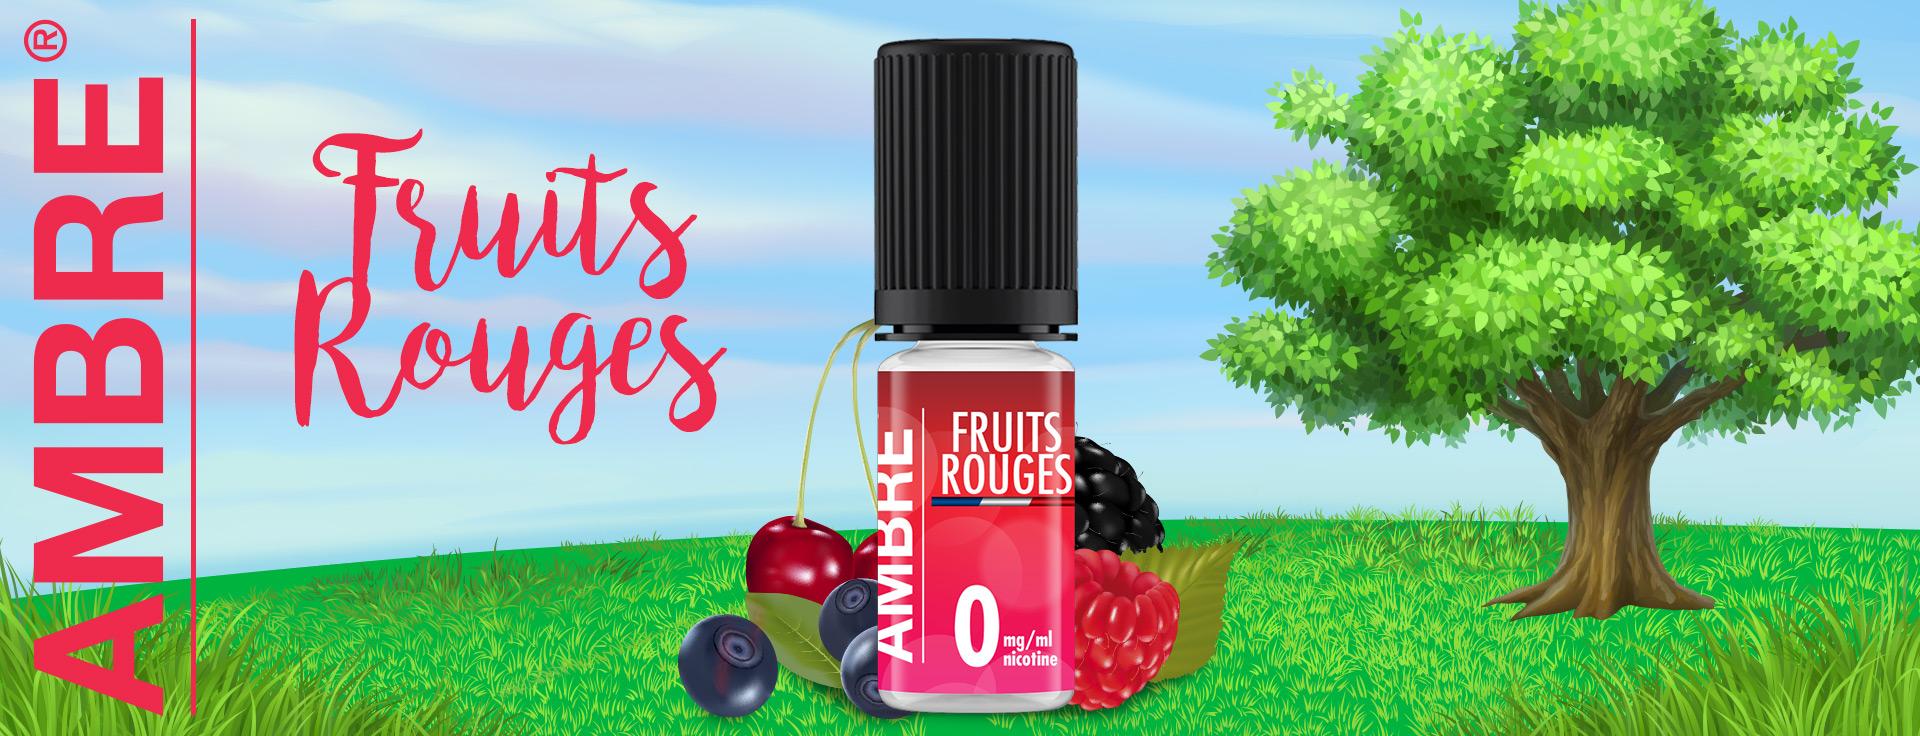 Banniere_FruitsRouges